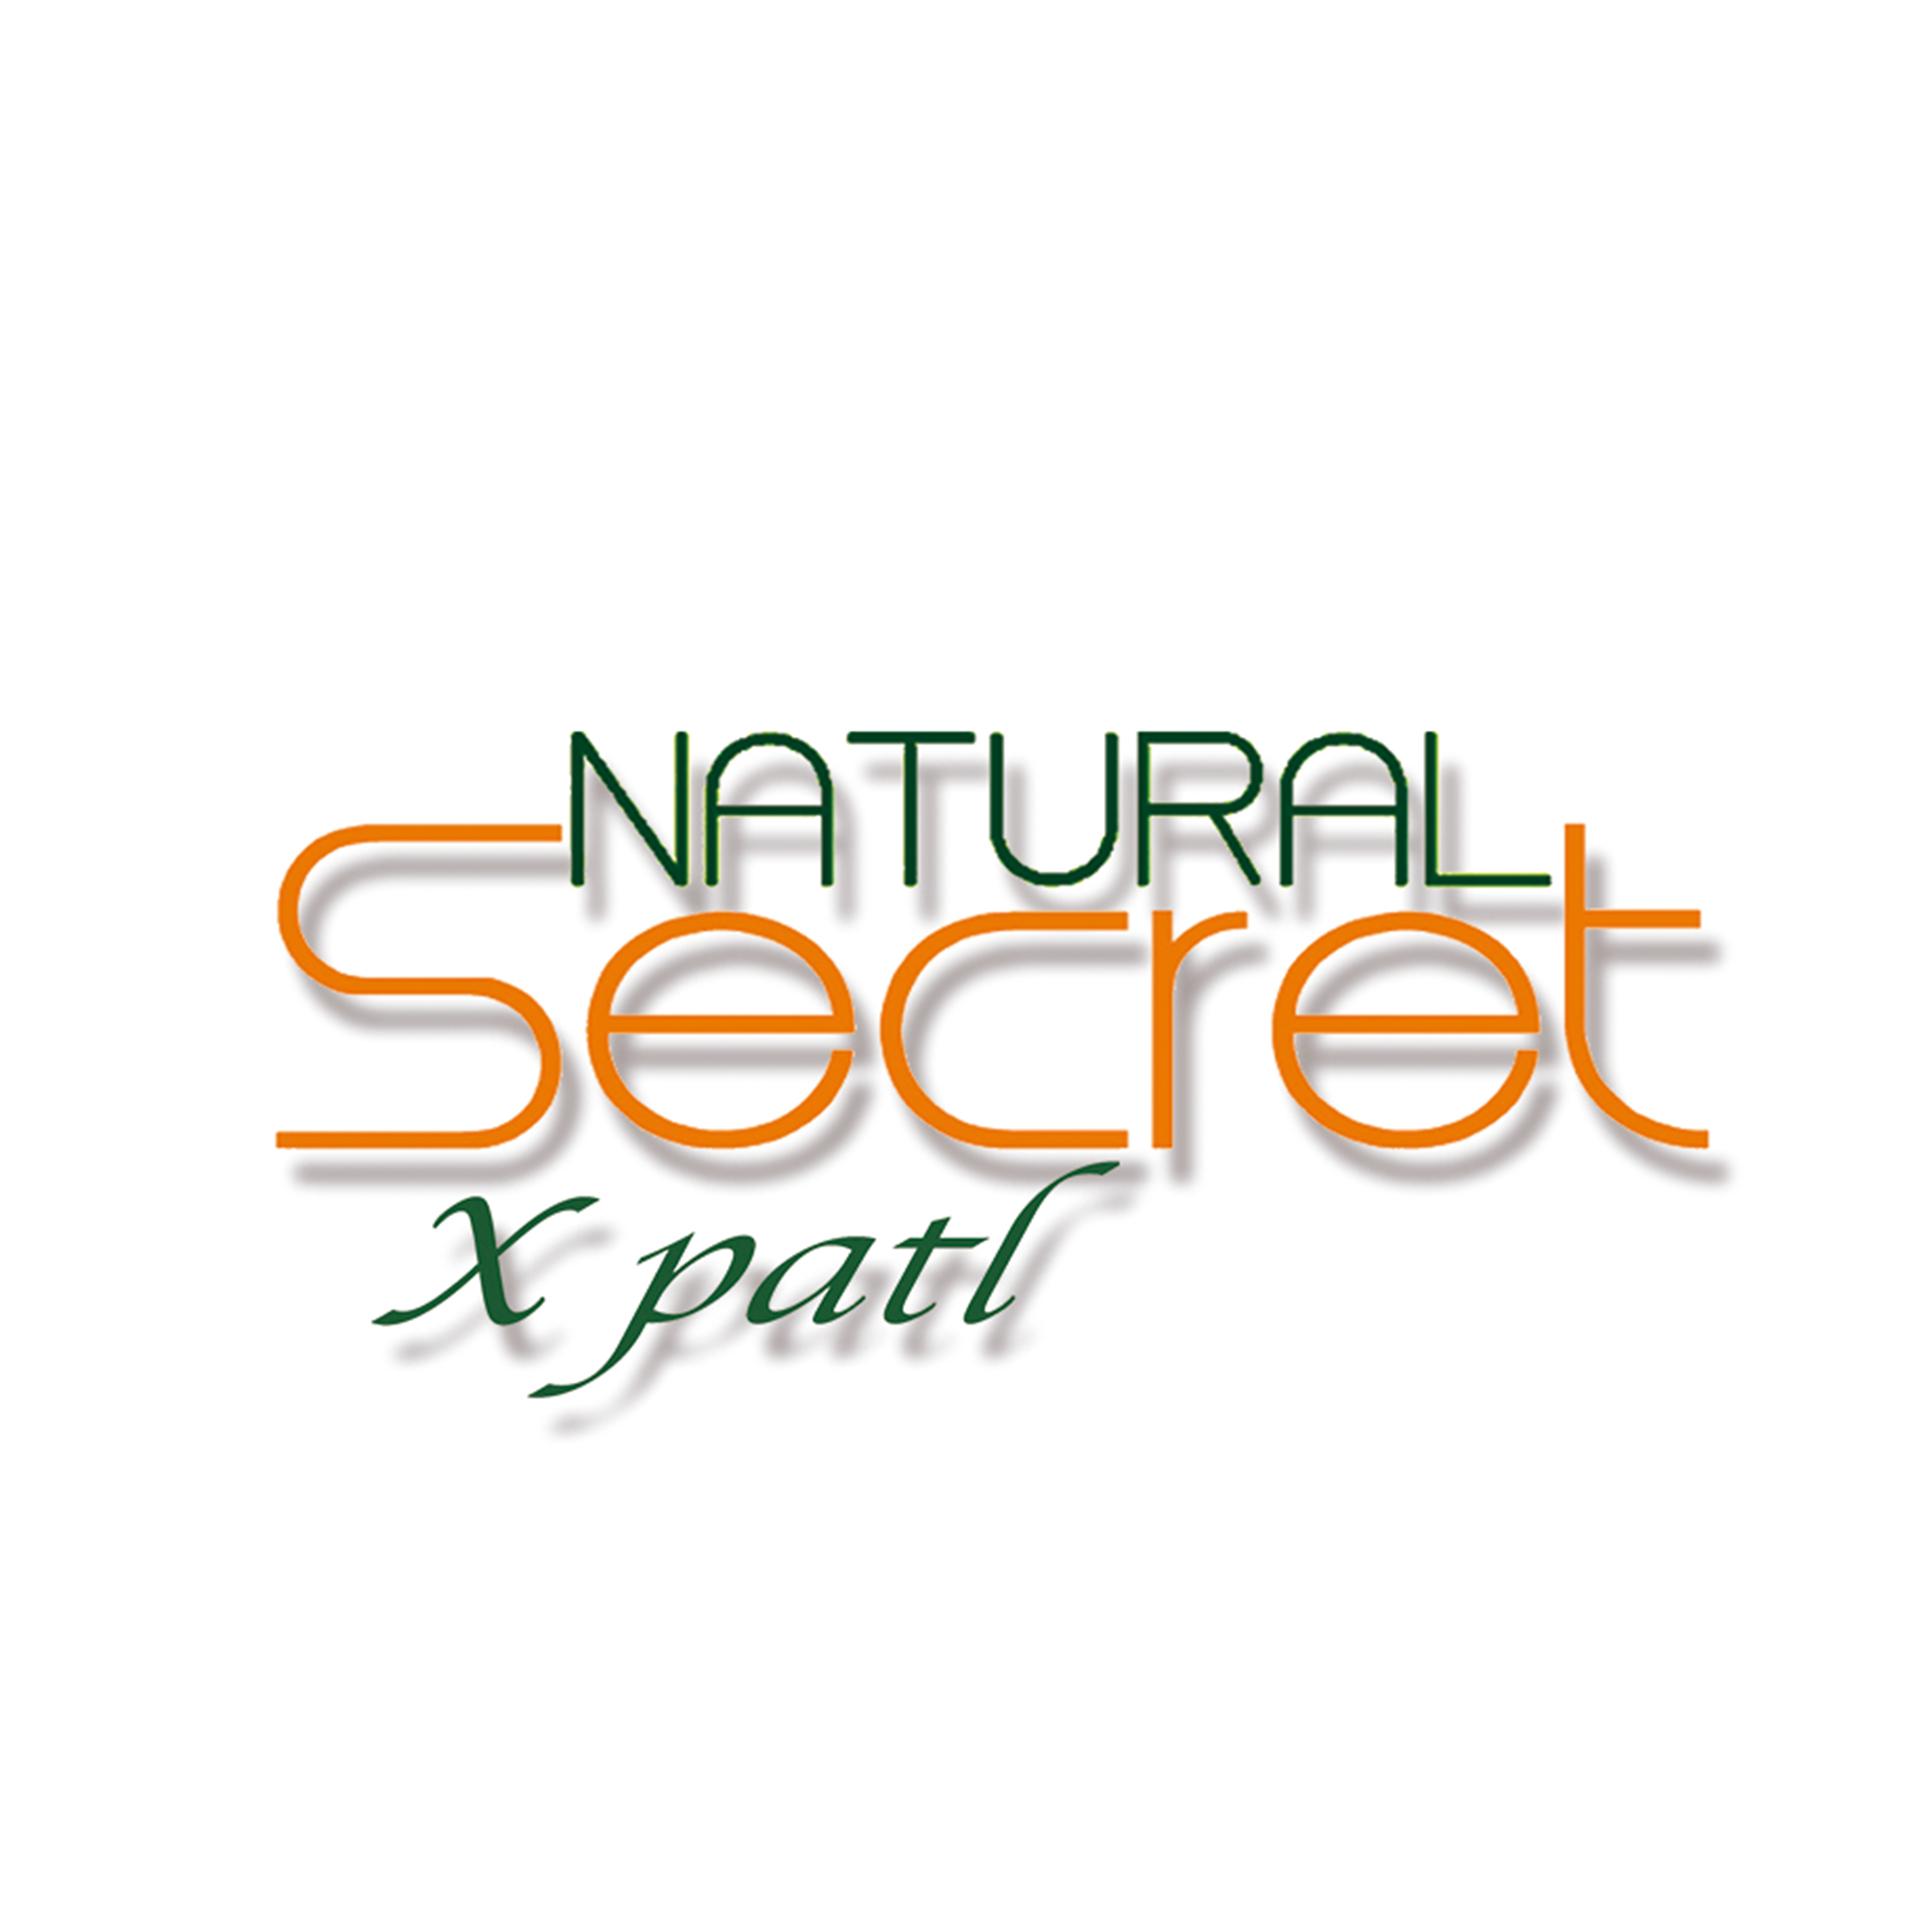 NATURAL SECRET XPATL